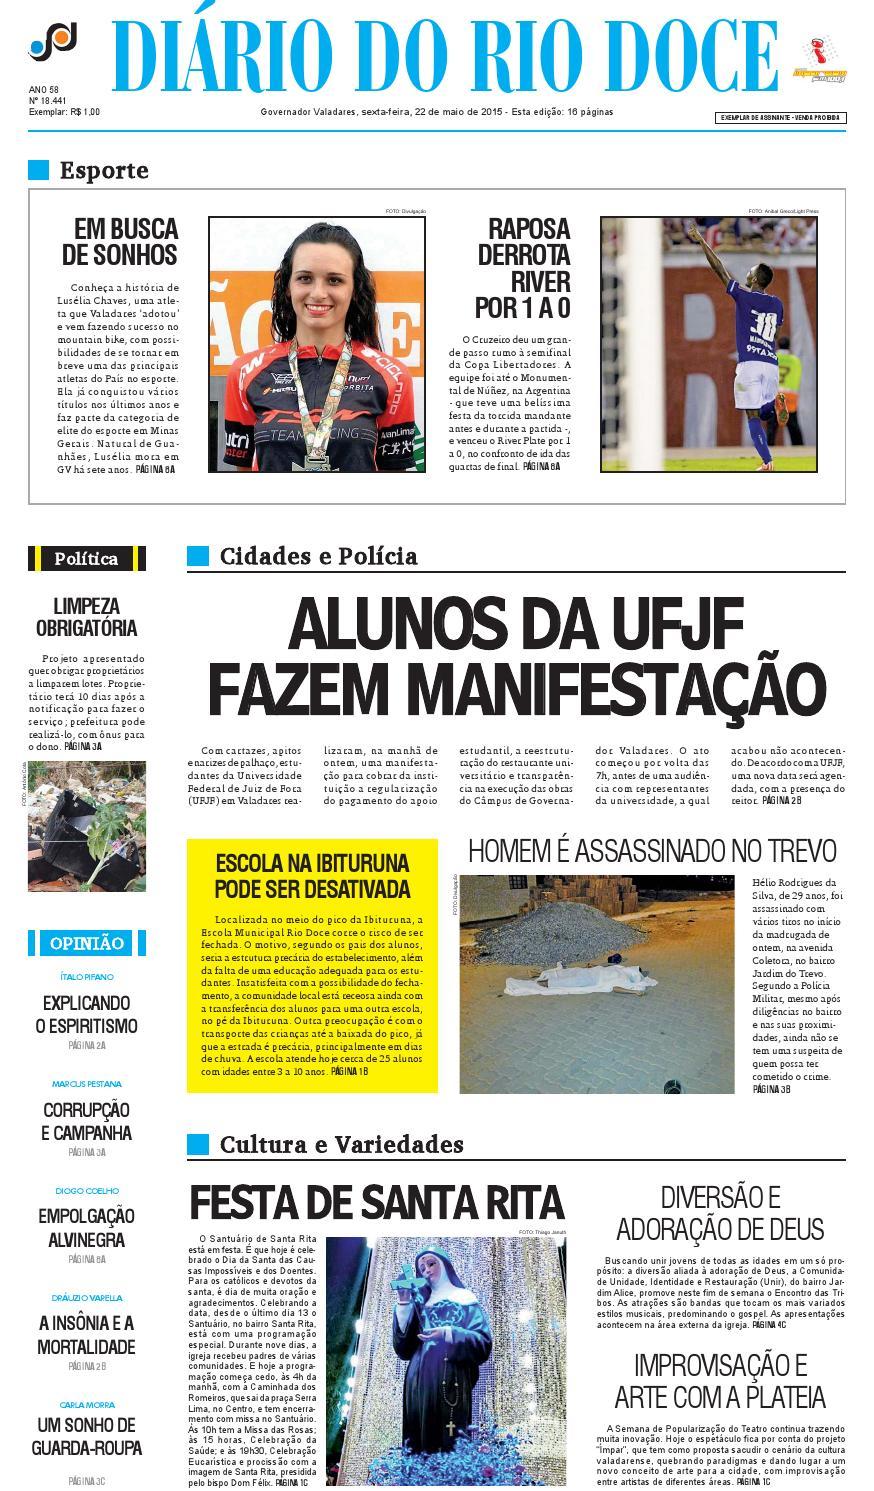 Diário do Rio Doce - Edição de 22 05 2015 by Diário do Rio Doce - issuu 55c675e50b0bd